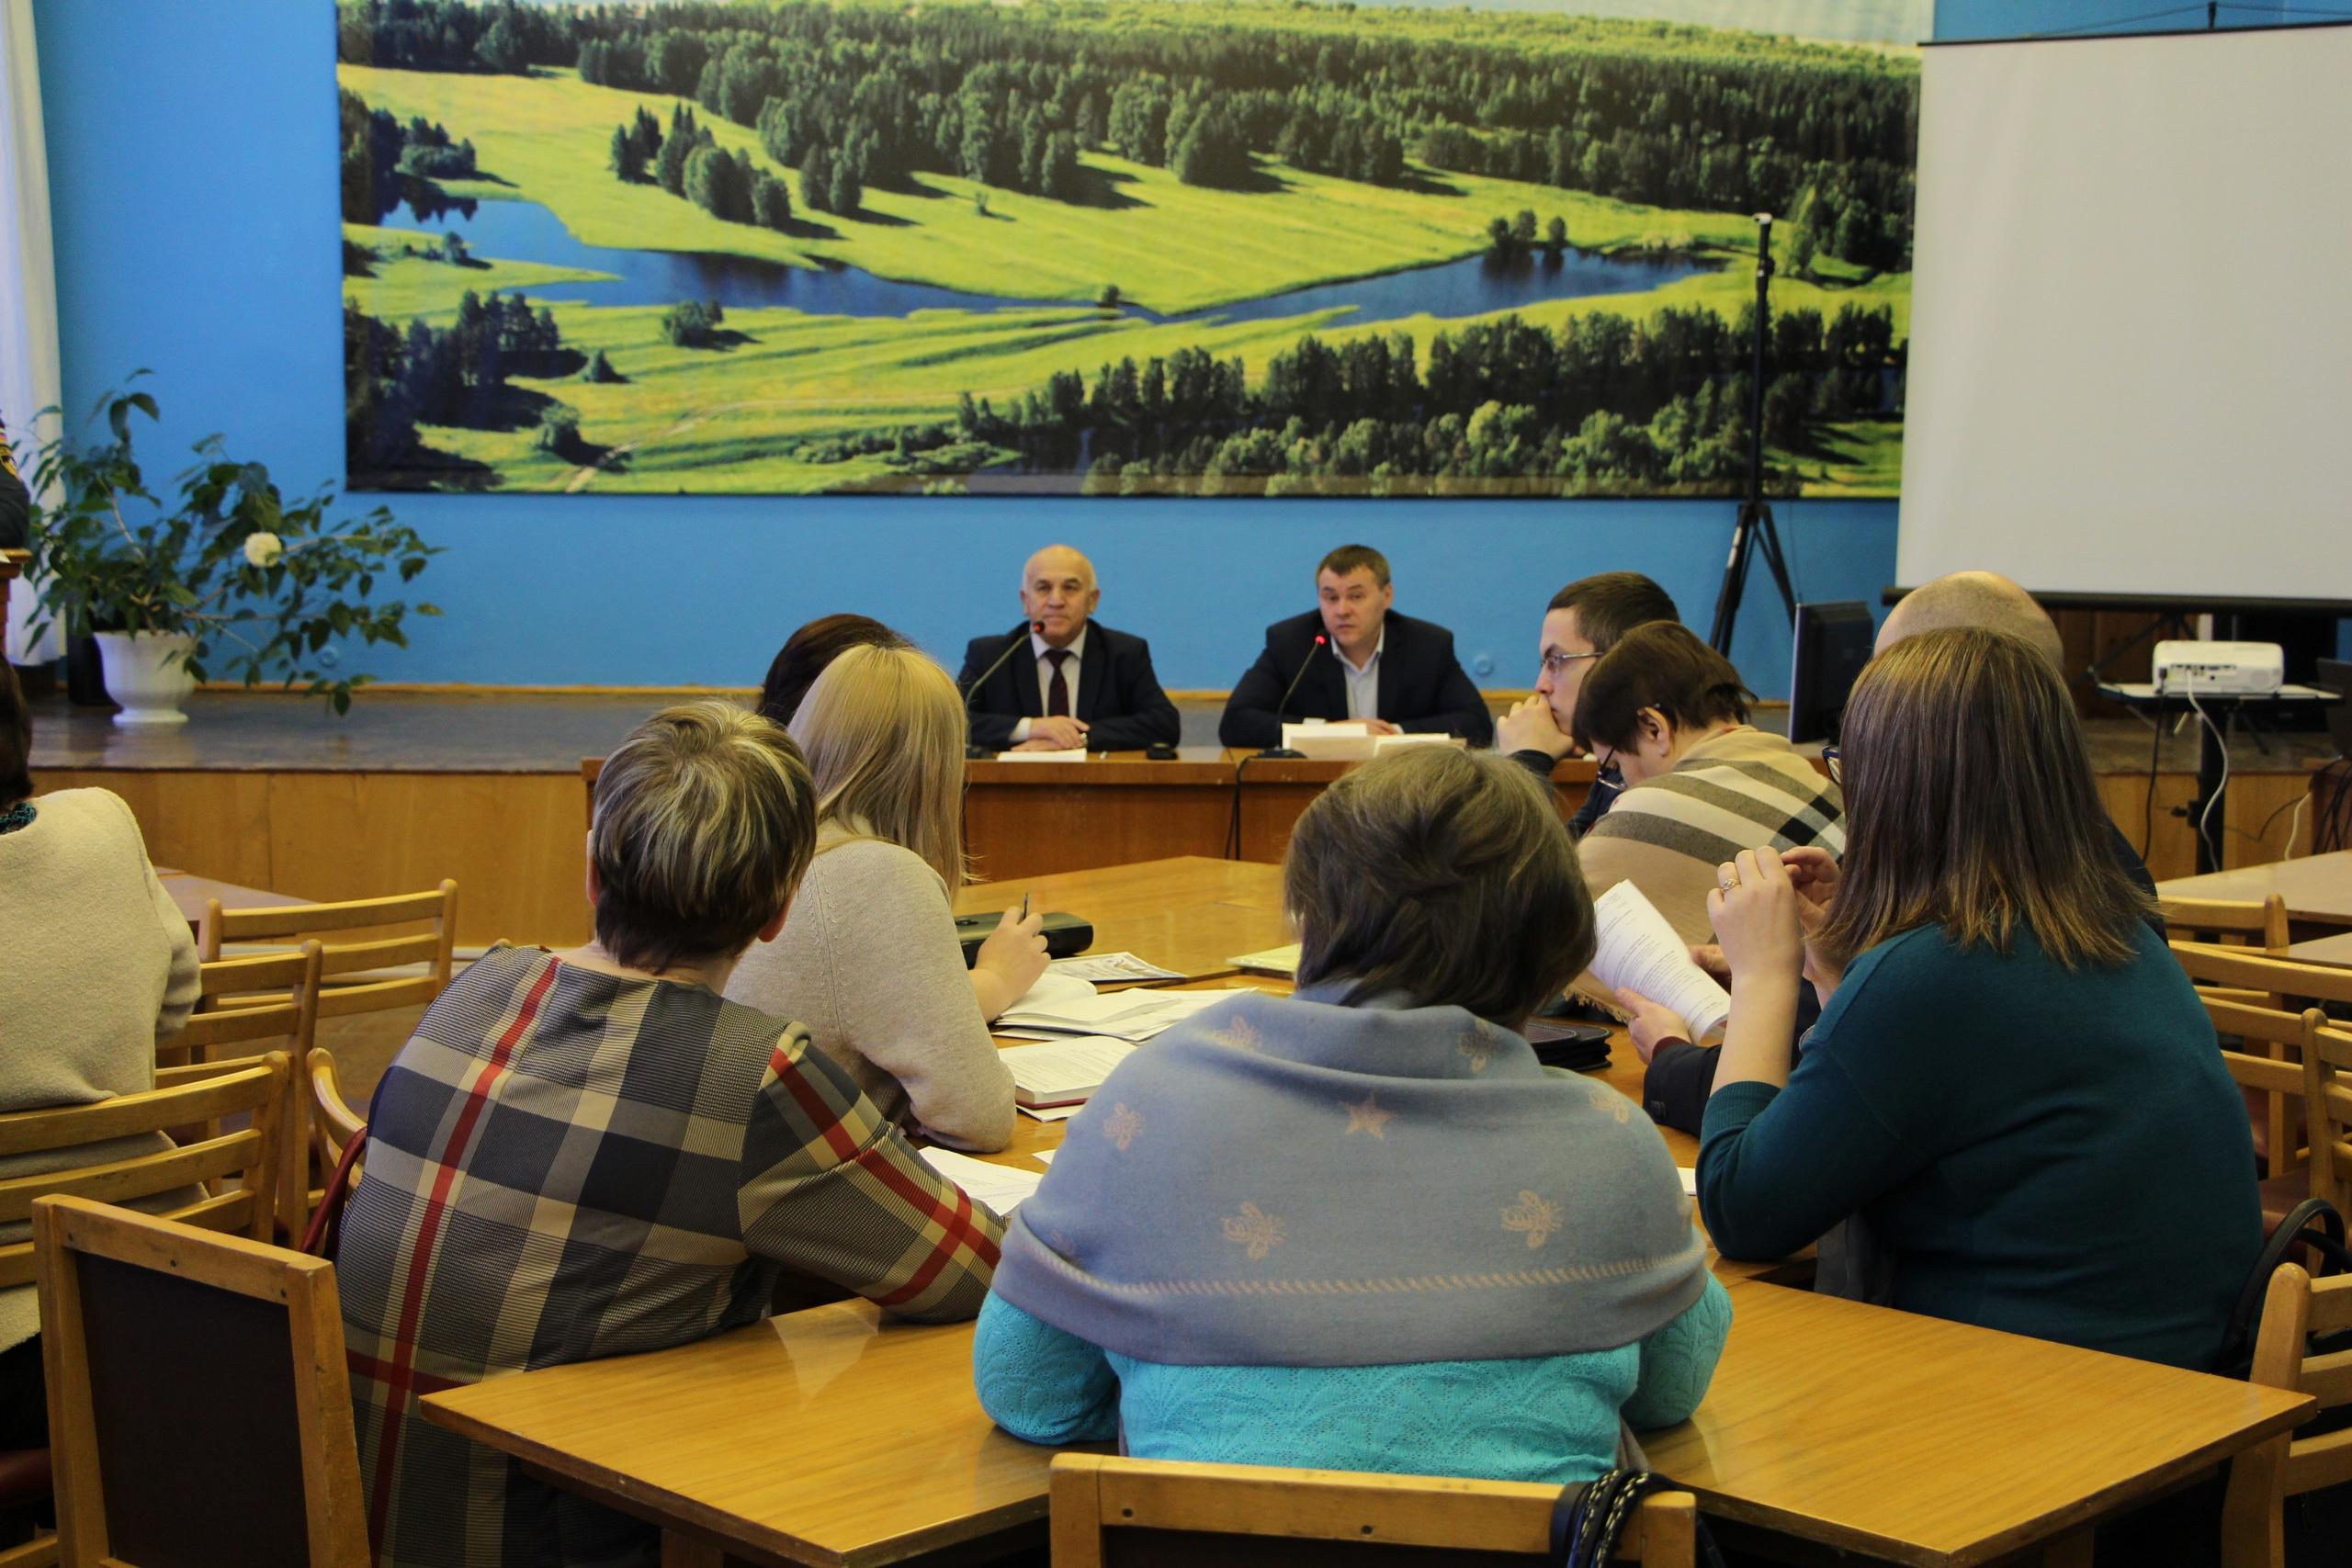 Руководитель администрации Николай Жилин провел заседание коллегии, на котором в режиме видеосвязи состоялся разговор с представителями регионального оператора «Ухтажилфонд»